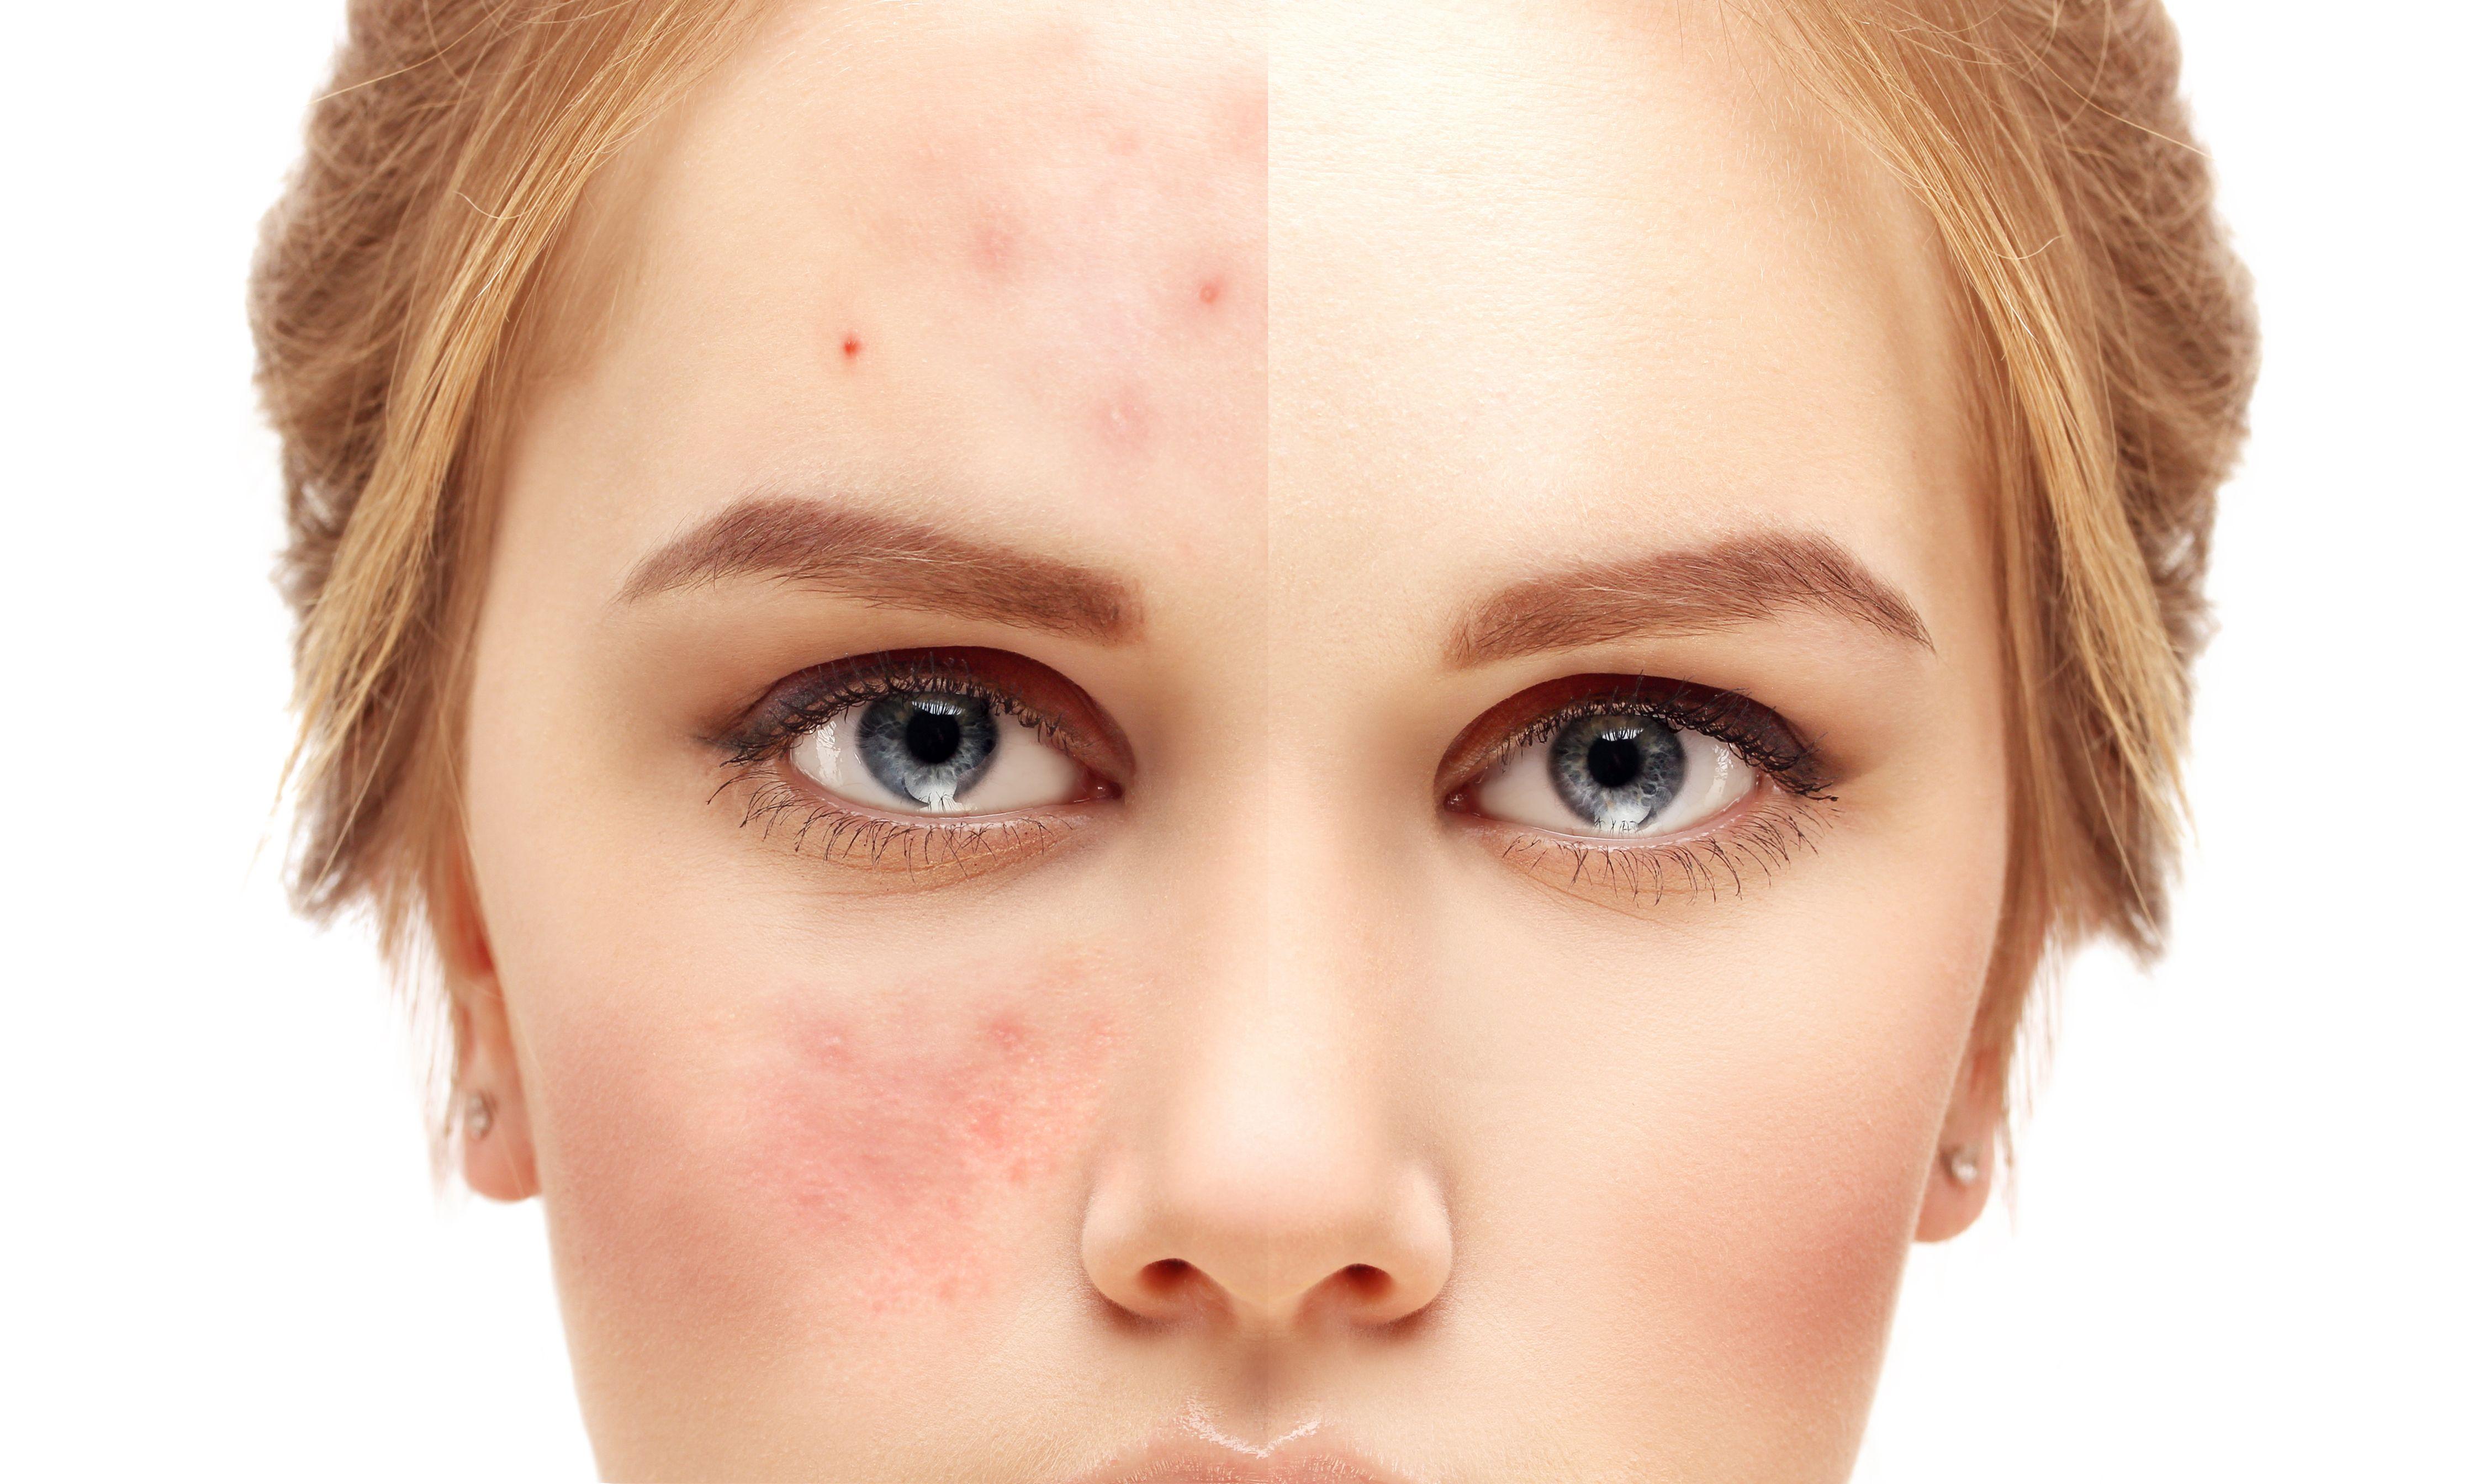 Tratamientos para manchas y cicatrices: Nuestros servicios de Estética Aloe